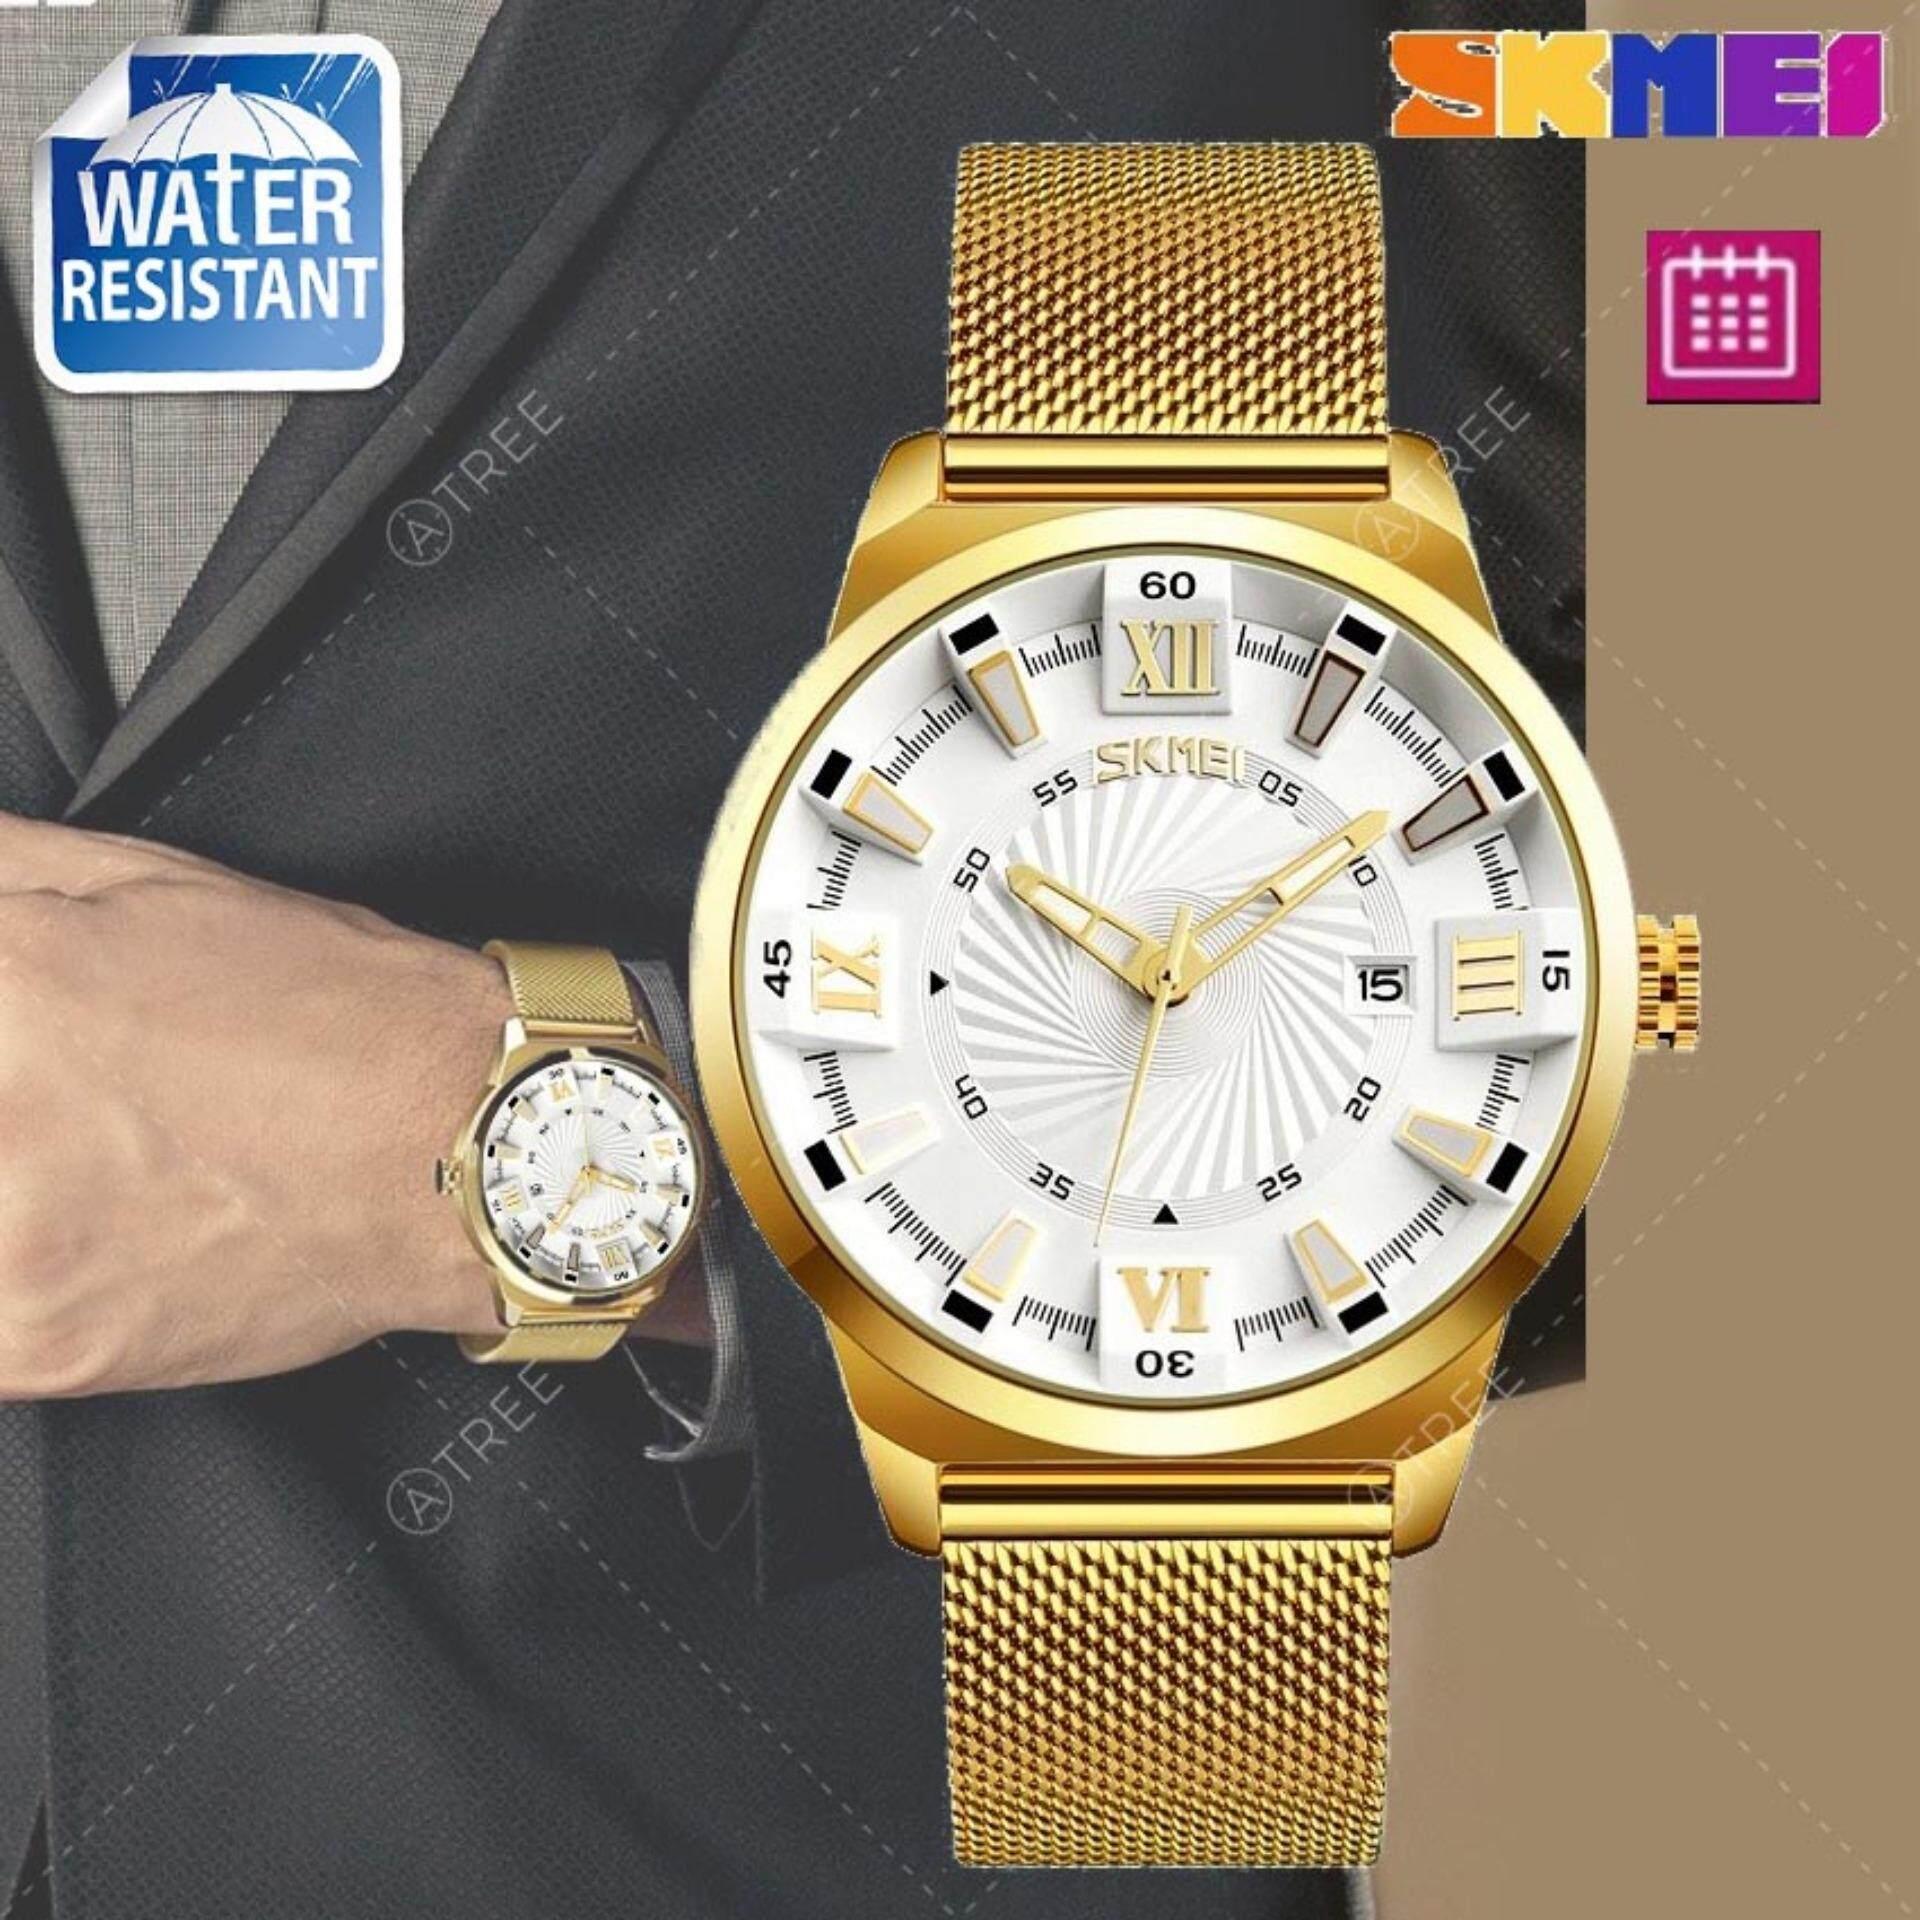 ราคา Skmei ของแท้ 100 ส่งในไทยไวแน่นอน นาฬิกาข้อมือ สไตล์ Casual Bussiness Watch ใช้งาน ระบบ Analog บอกวันที่ กันน้ำ สายแสตนเลสคุณภาพดี ปรับสายได้ รุ่น Sk M9166 สีทอง Gold เป็นต้นฉบับ